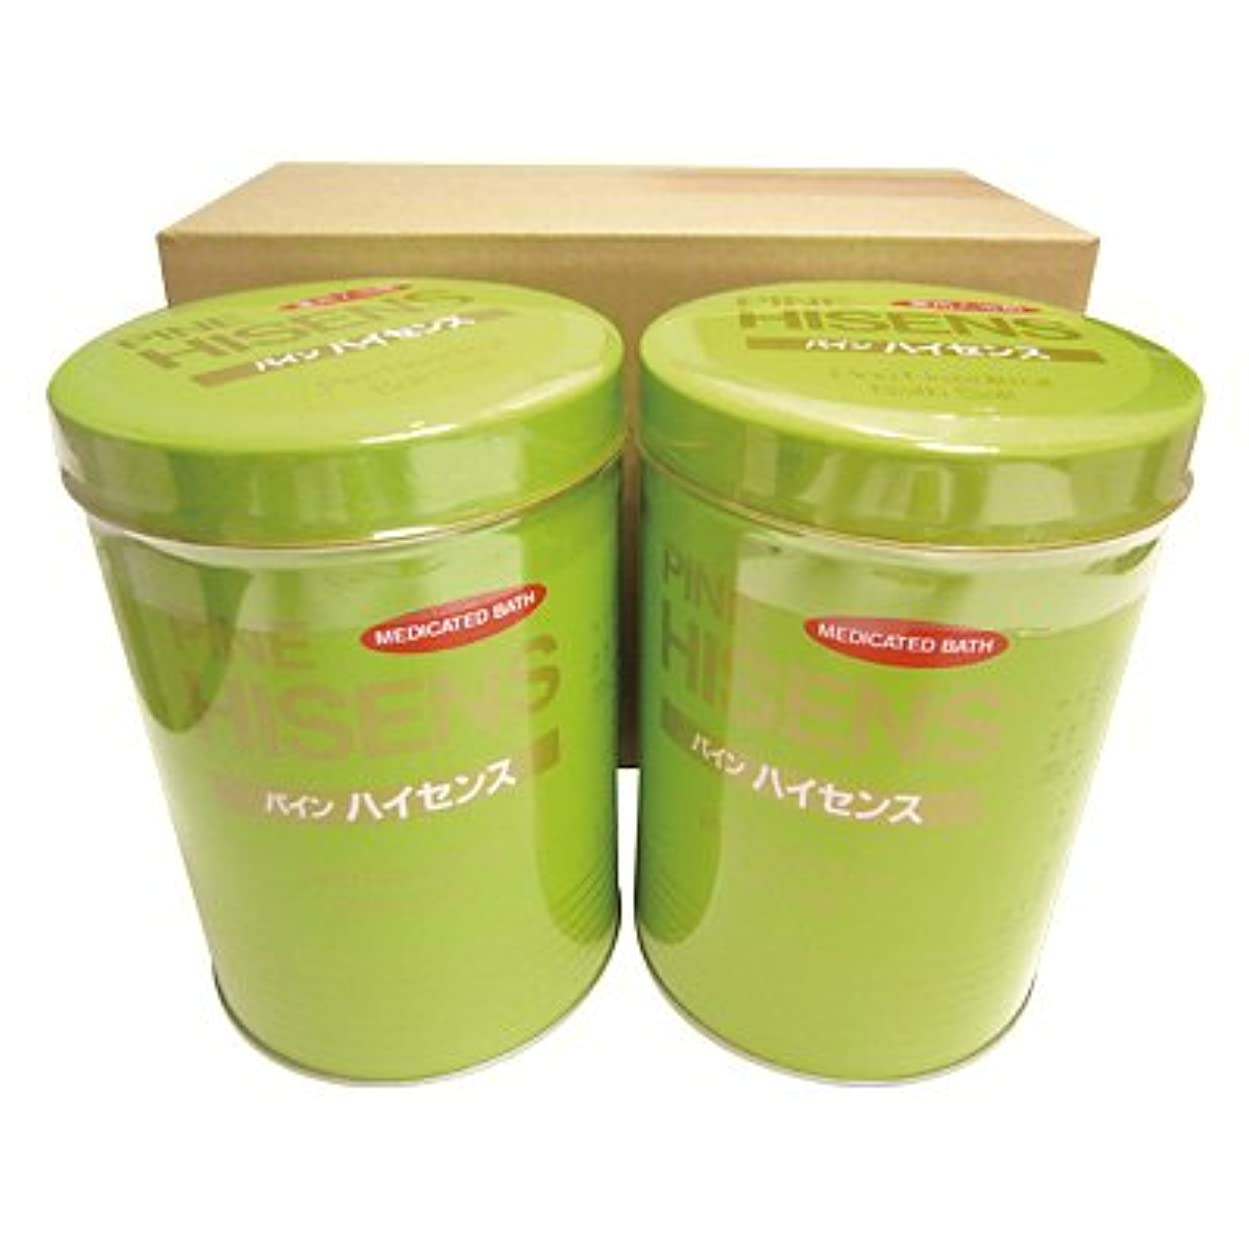 テニスお金グラフィック高陽社 薬用入浴剤 パインハイセンス 2.1kg 2缶セット